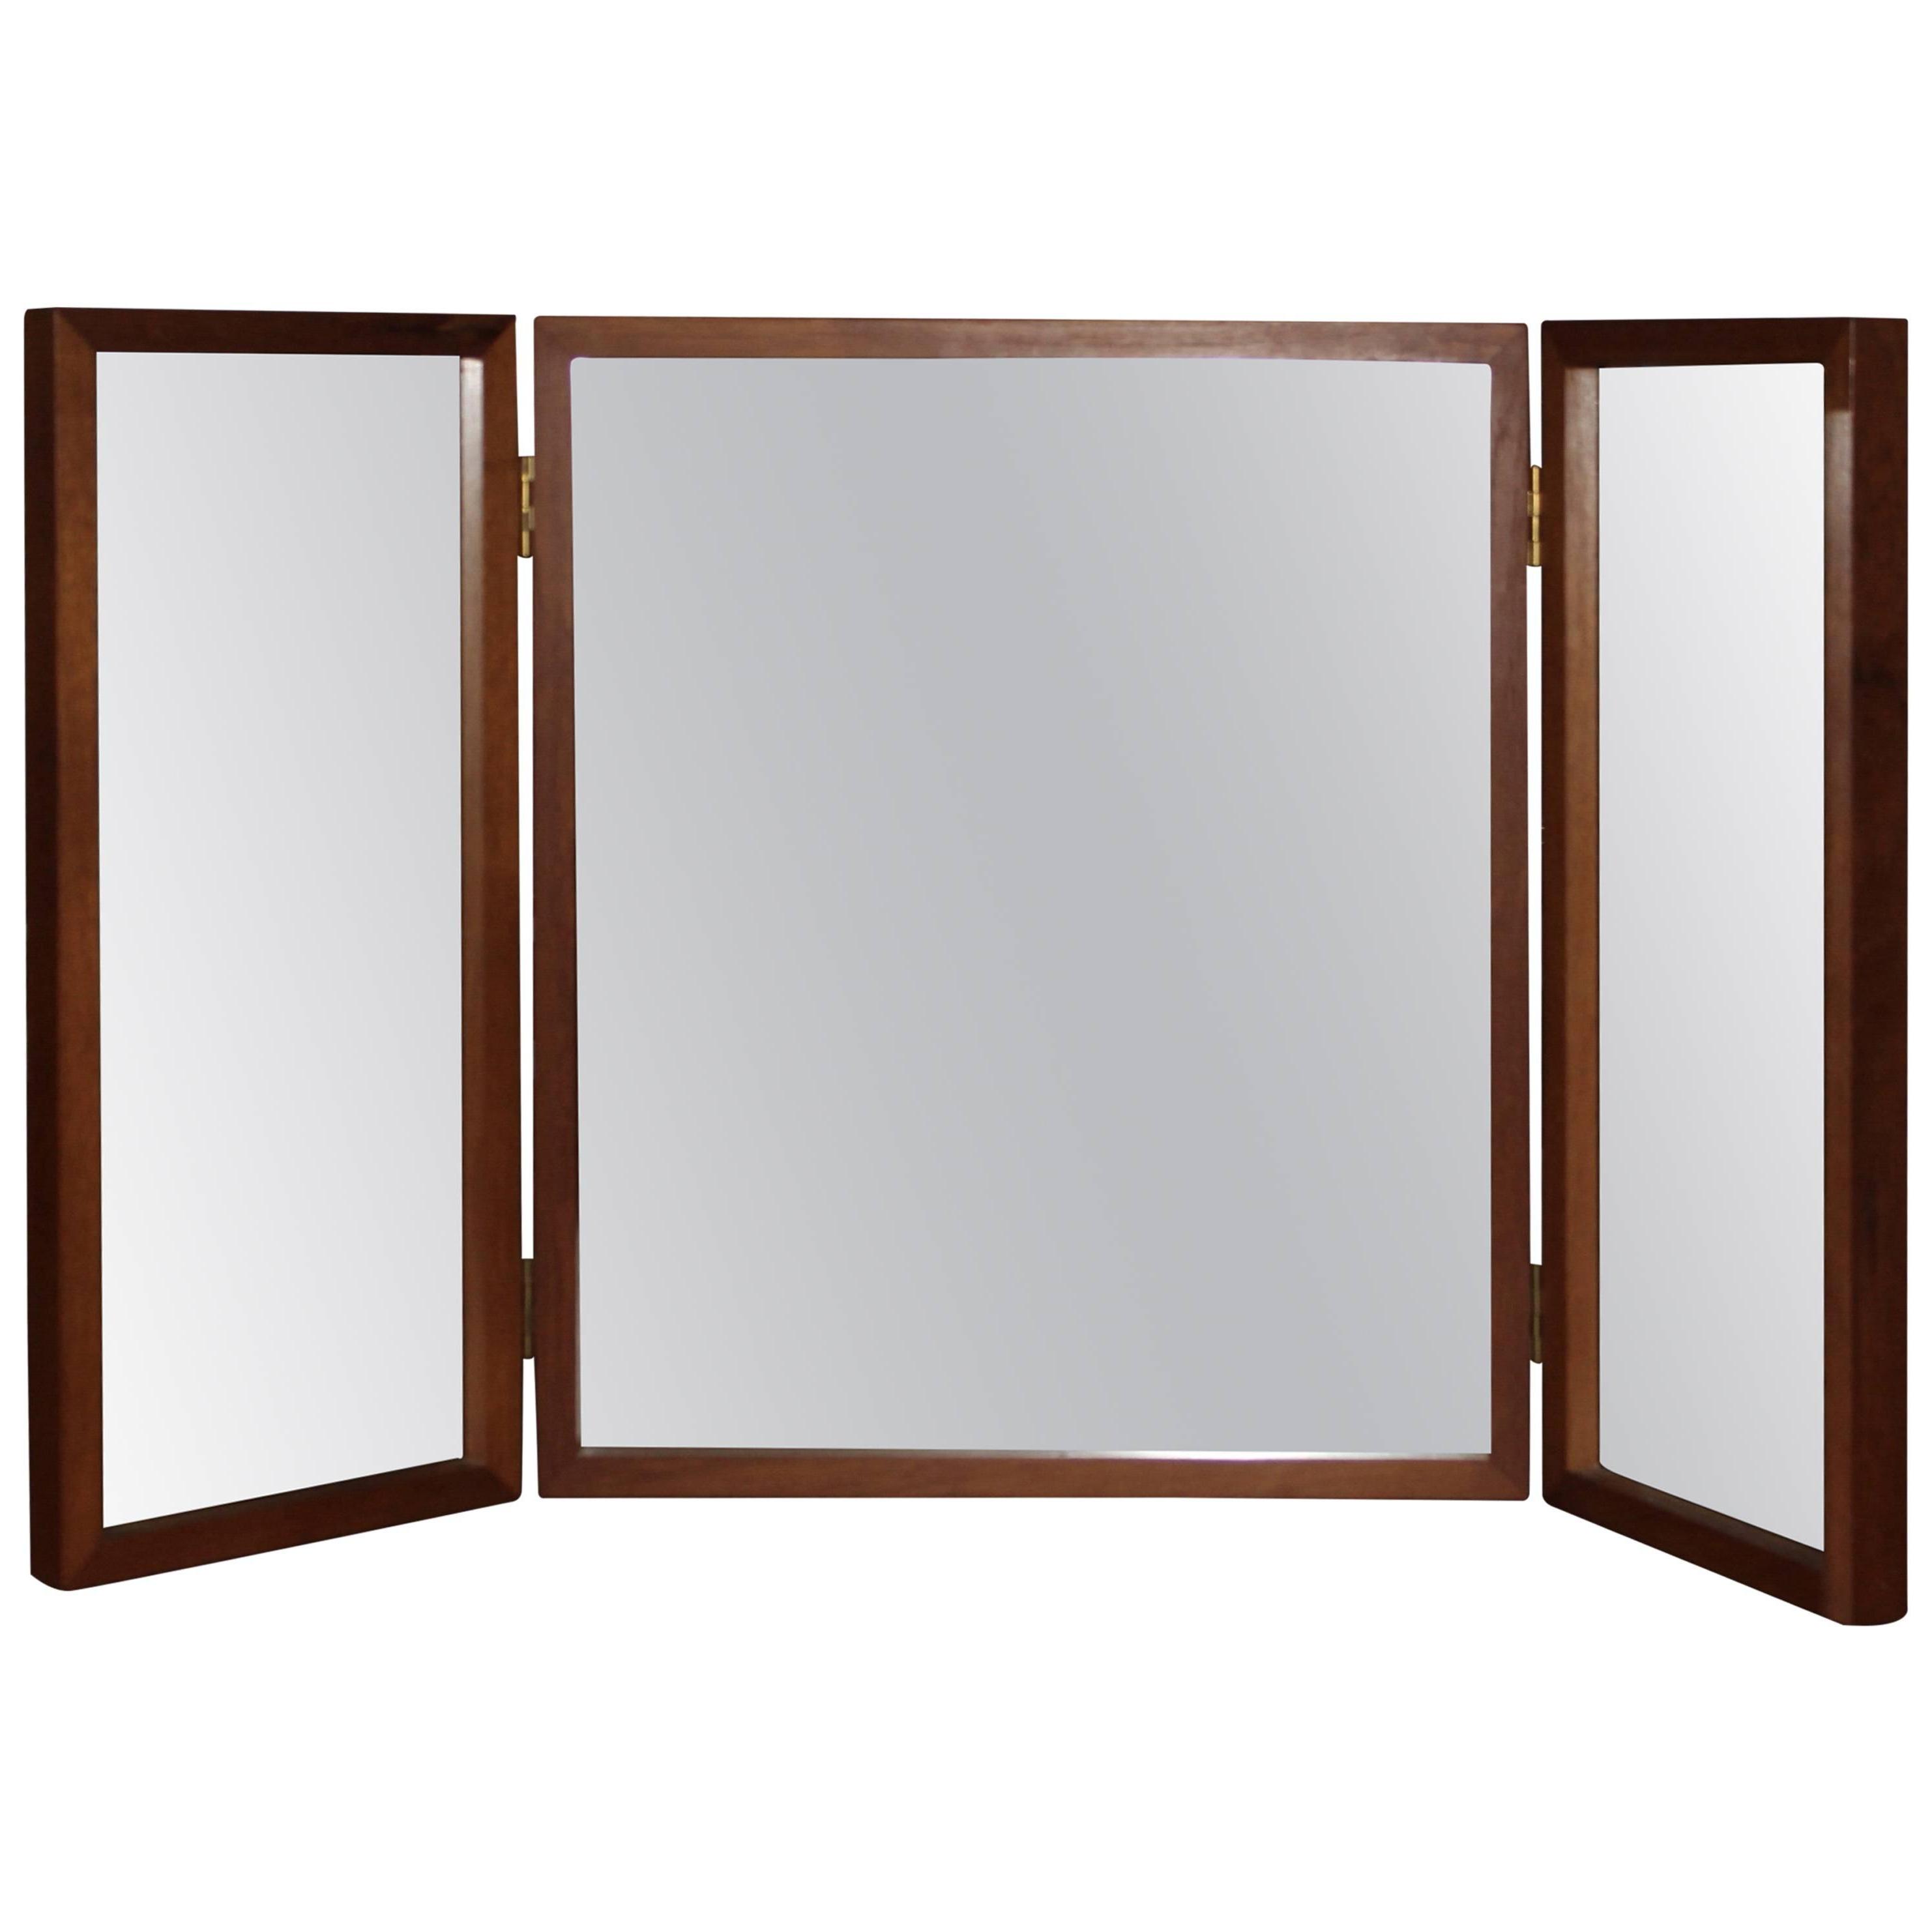 Recent Tri Fold Wall Mirrors Inside Teak Tri Fold Vanity, Dresser Or Wall Mirroraksel Kjersgaard (View 6 of 20)